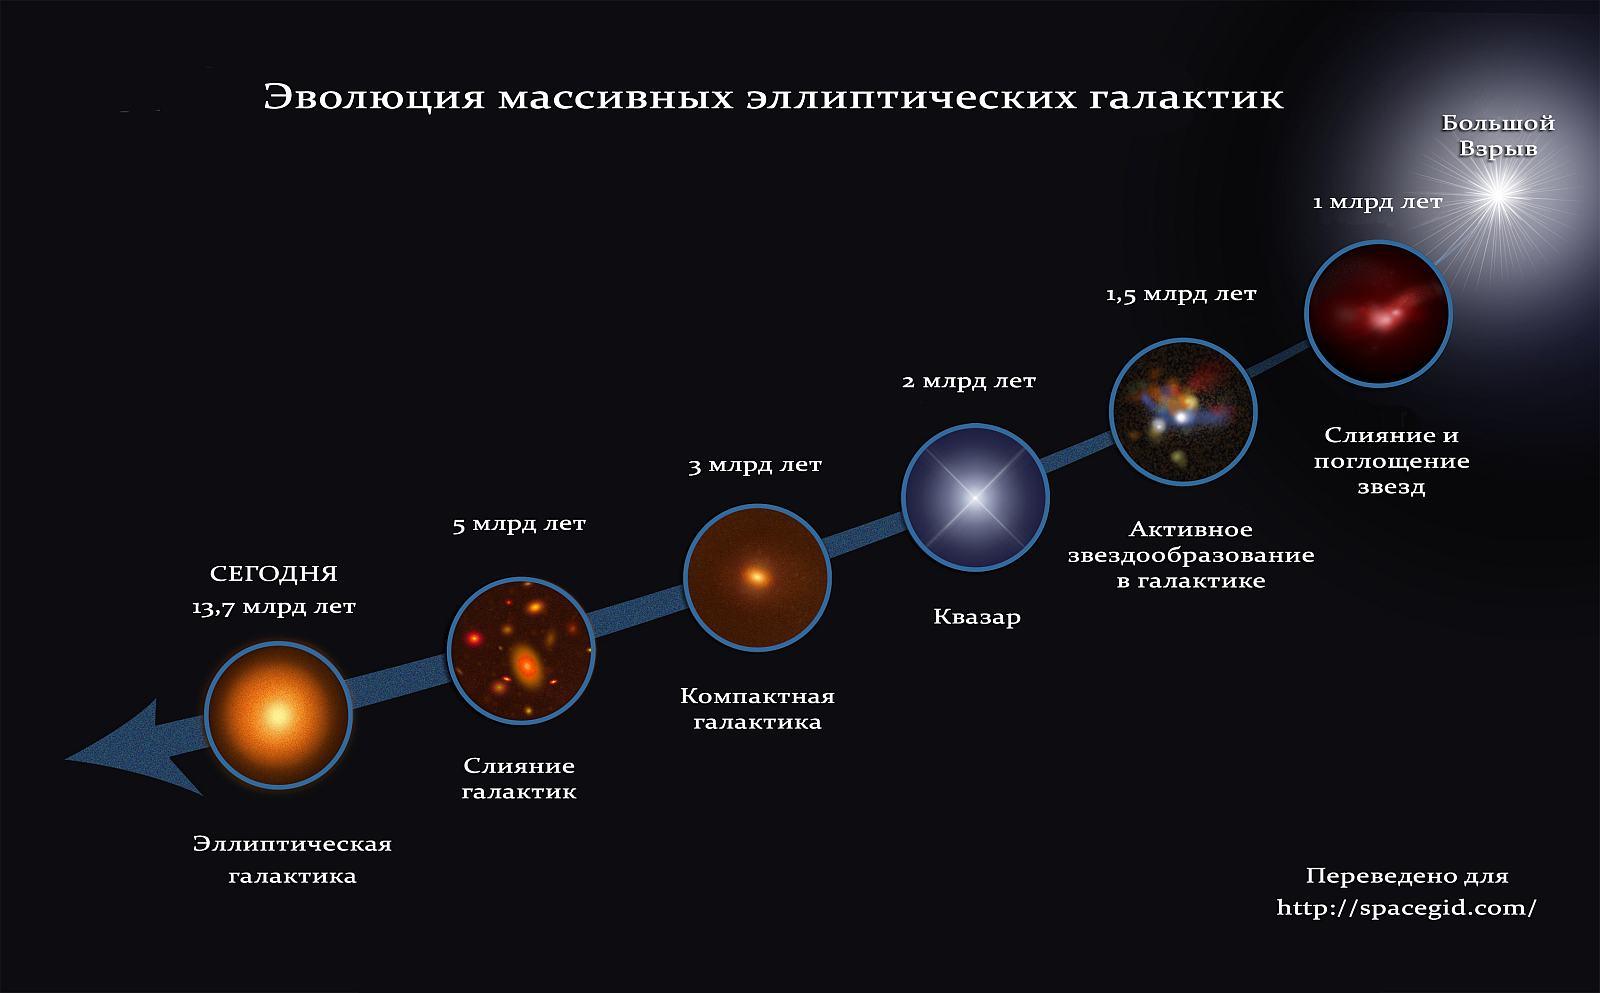 Эволюция массивных эллиптических галактик